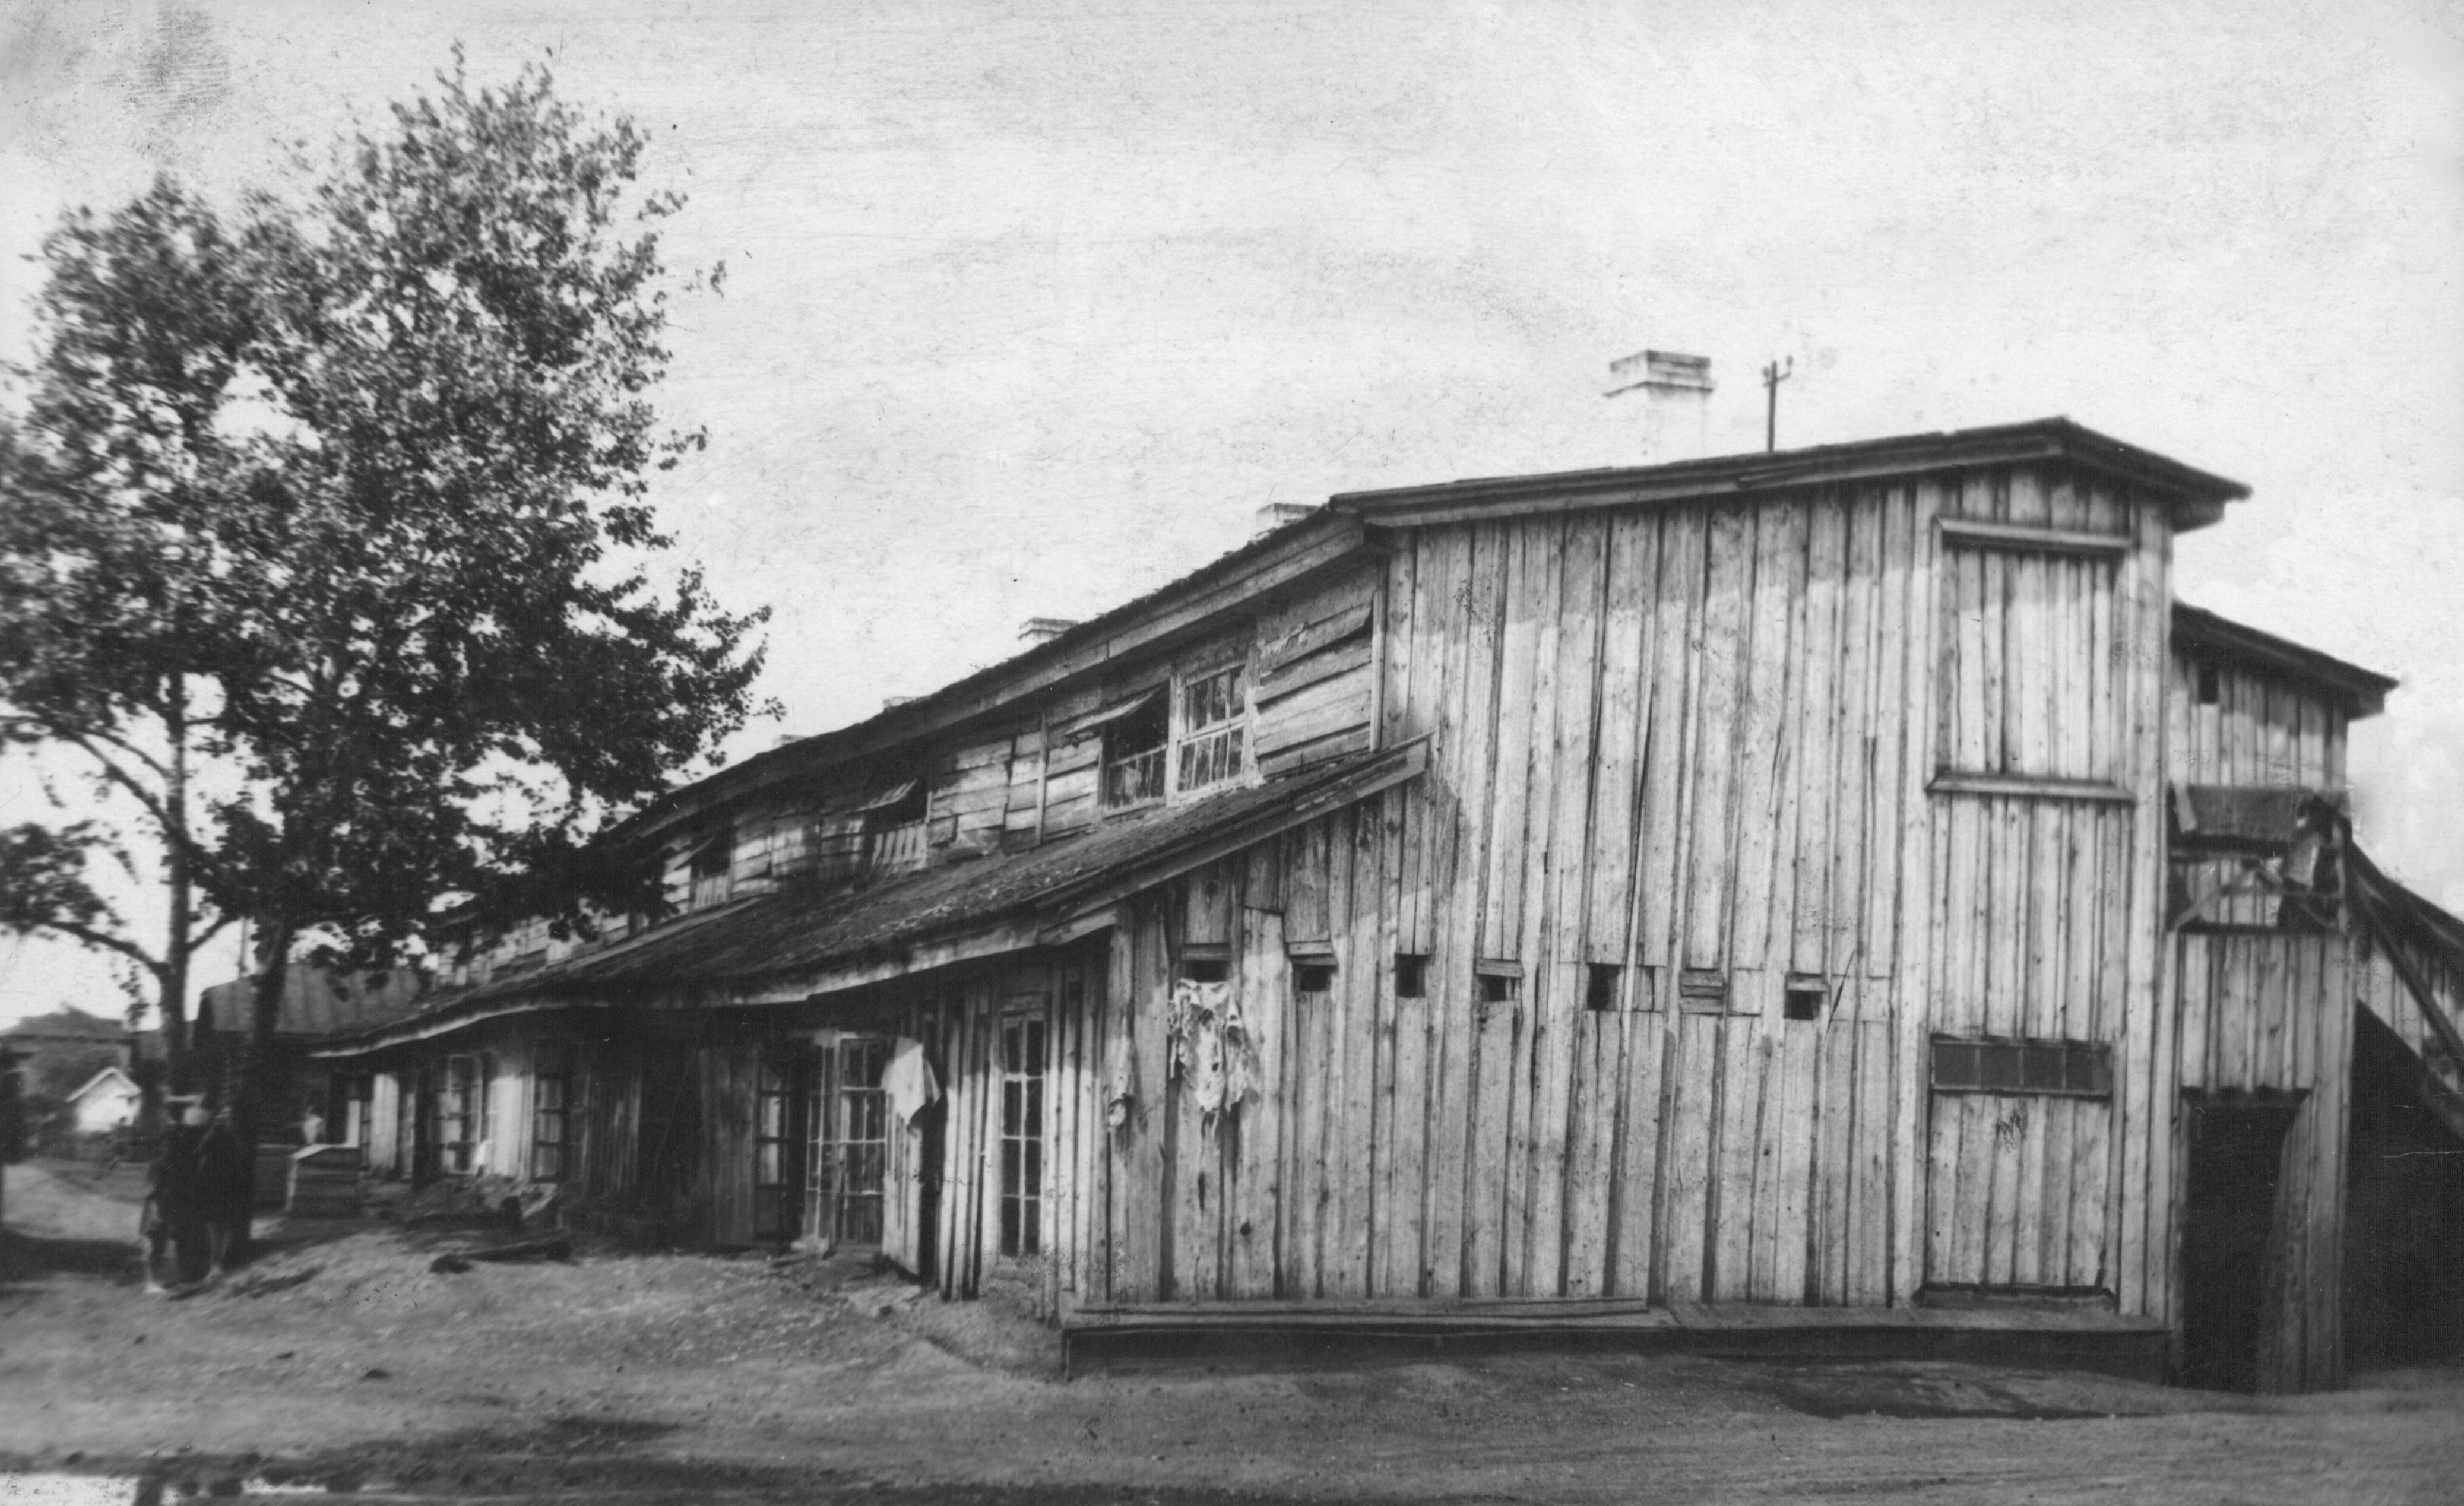 gku-ko-gako_r-212_op_6_d_24_l_1_zhilye-baraki-rabochih-khz_1931.jpg